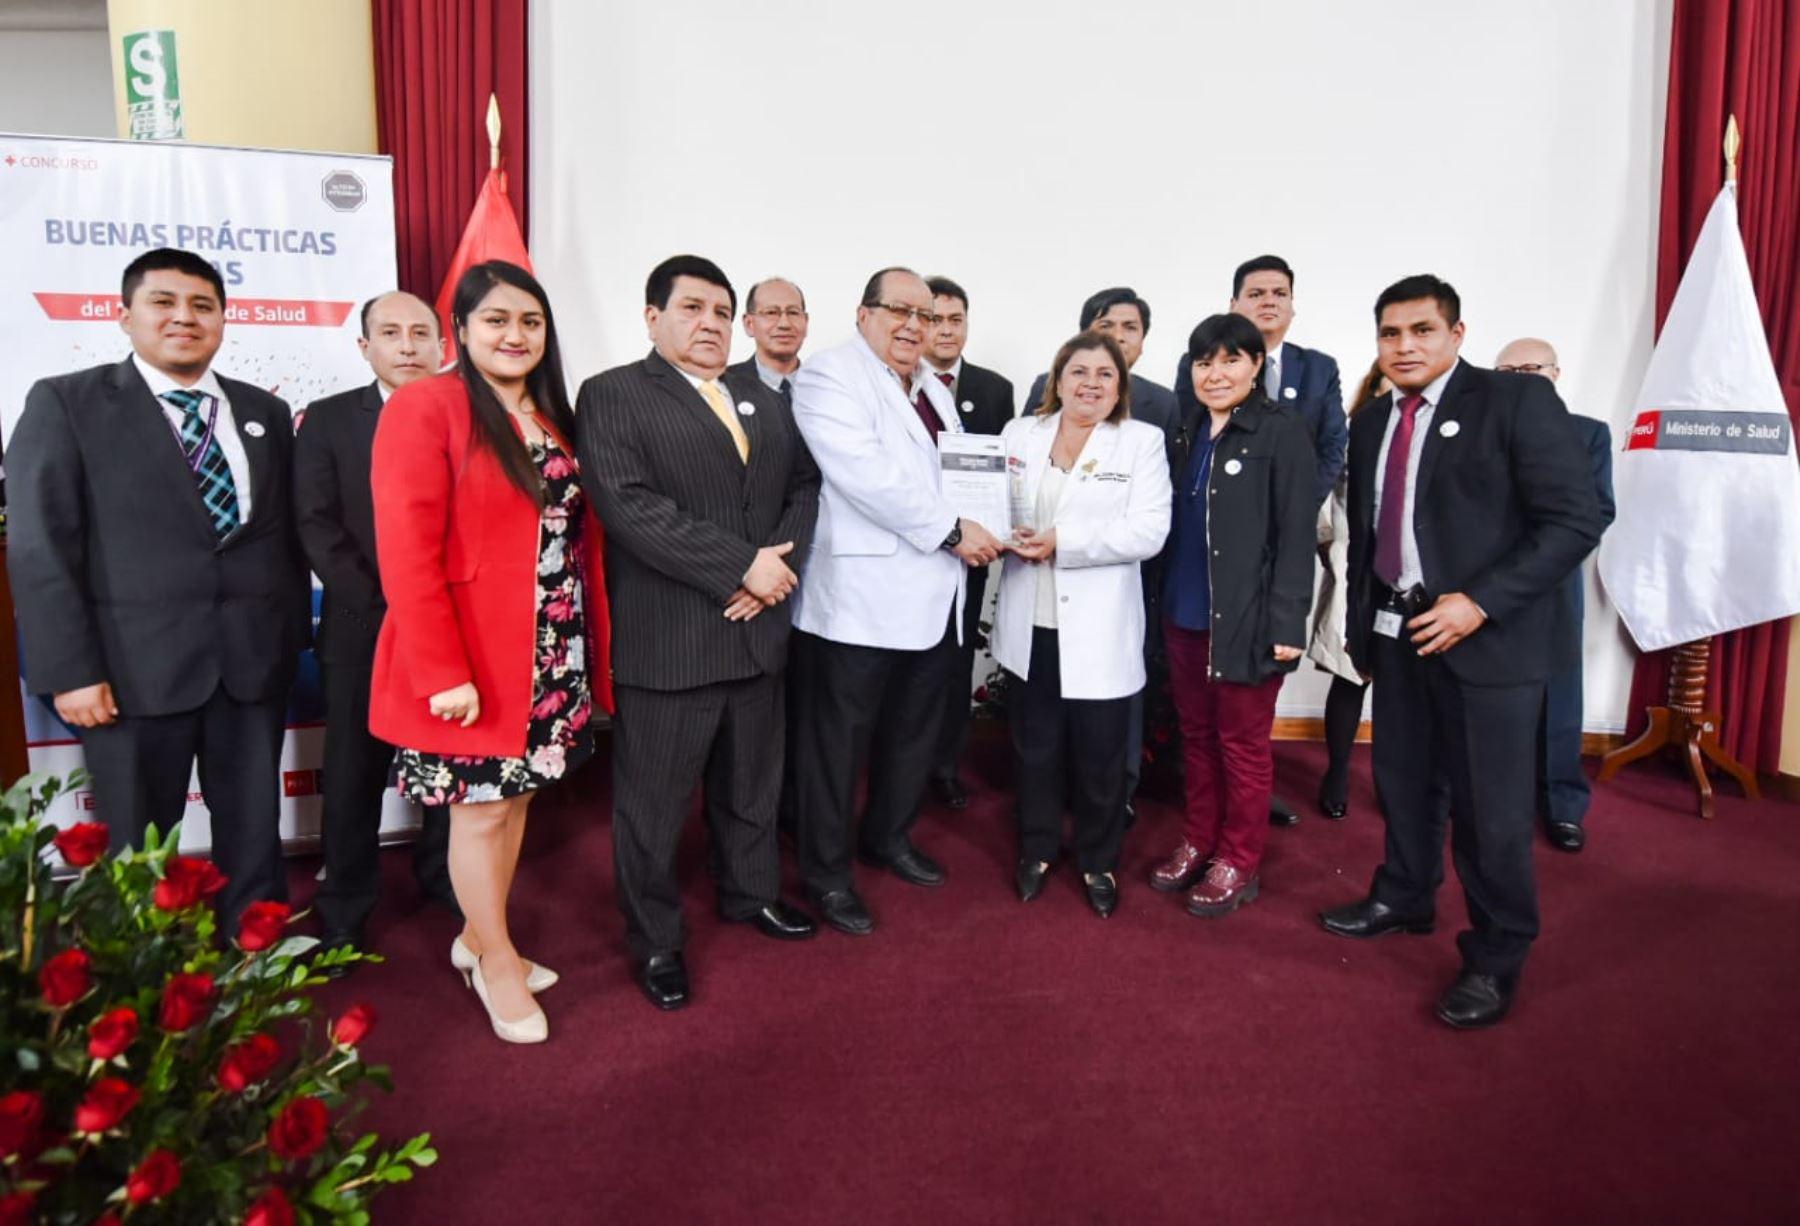 Con herramienta de ejecución presupuestal se logró tomar decisiones oportunas a favor de los pequeños pacientes. Foto: INSN-San Borja